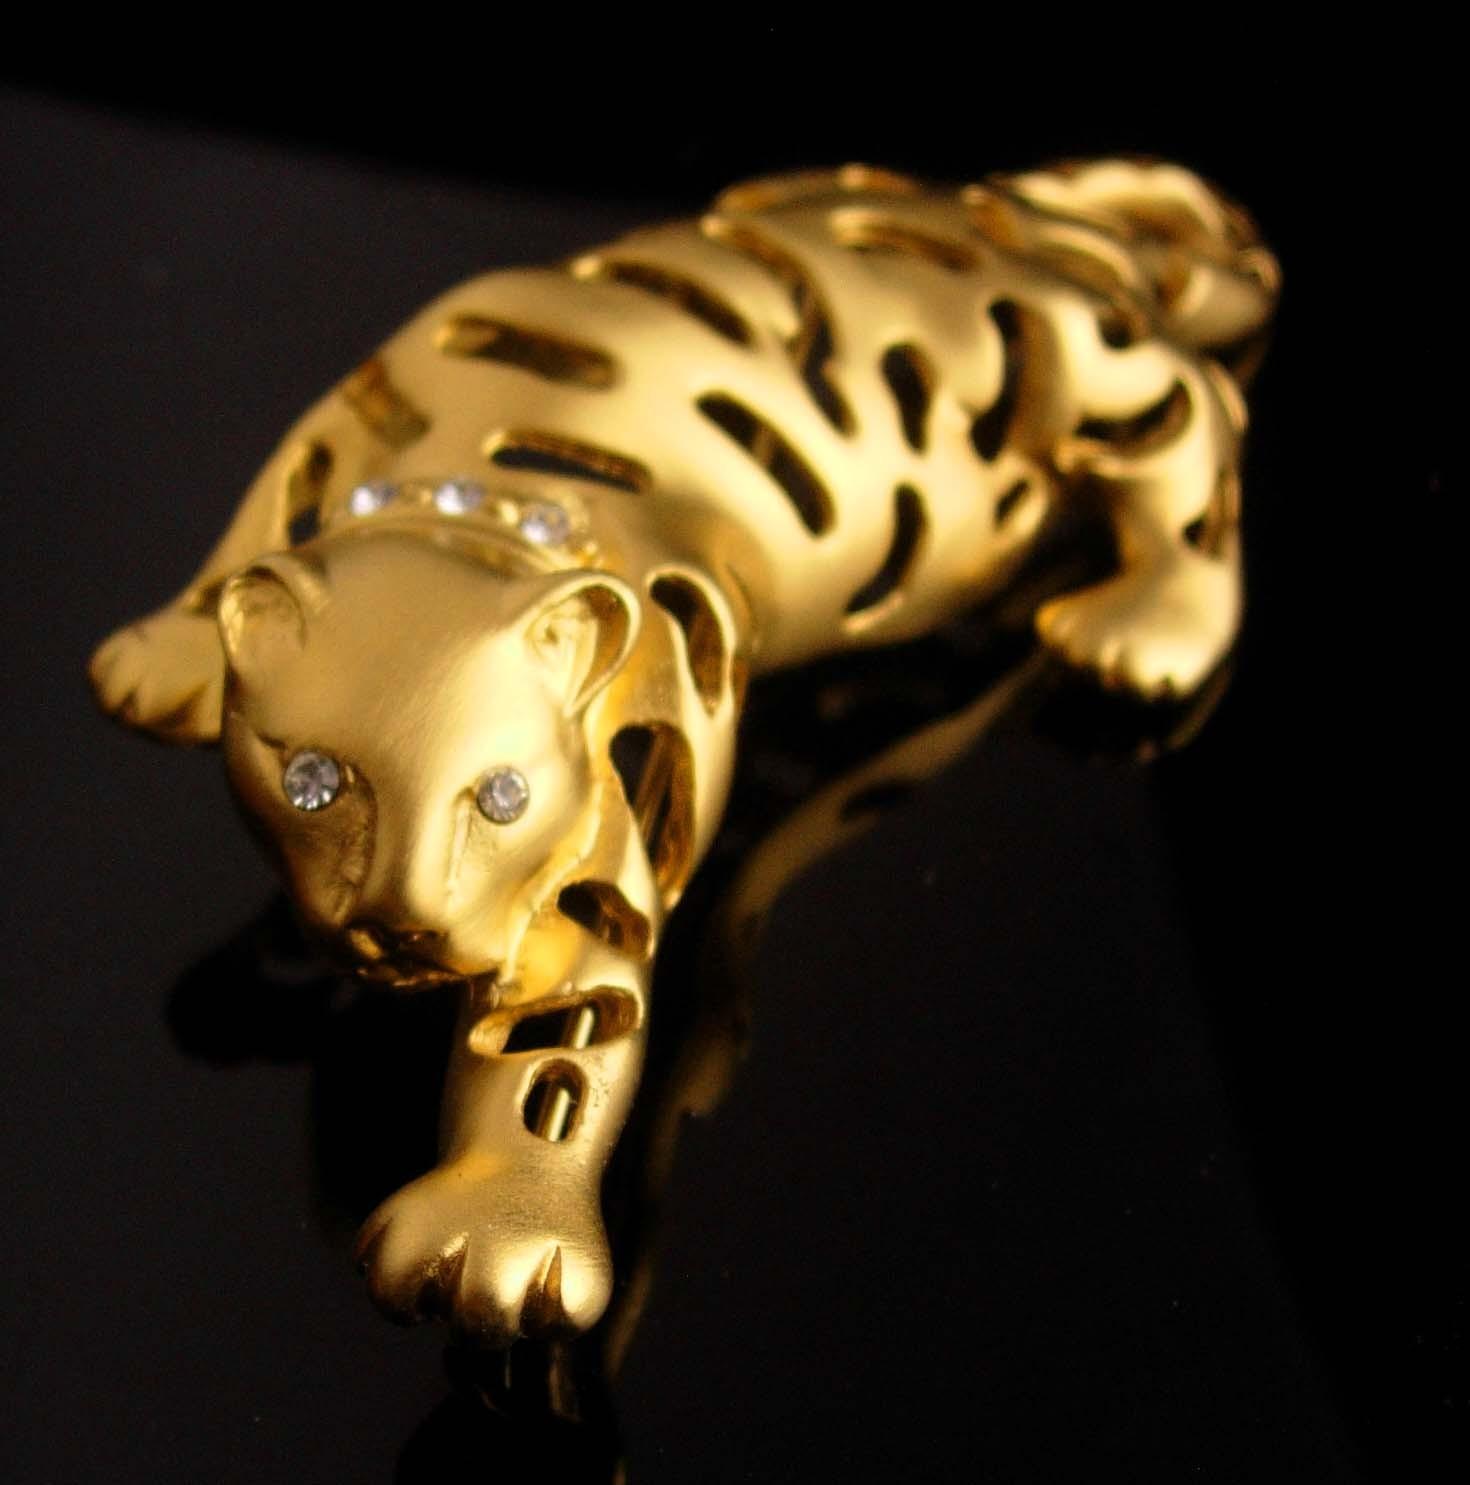 BIG Cat brooch / gold Jaguar / leopard pin / tiger rhinestone lapel pin / womens